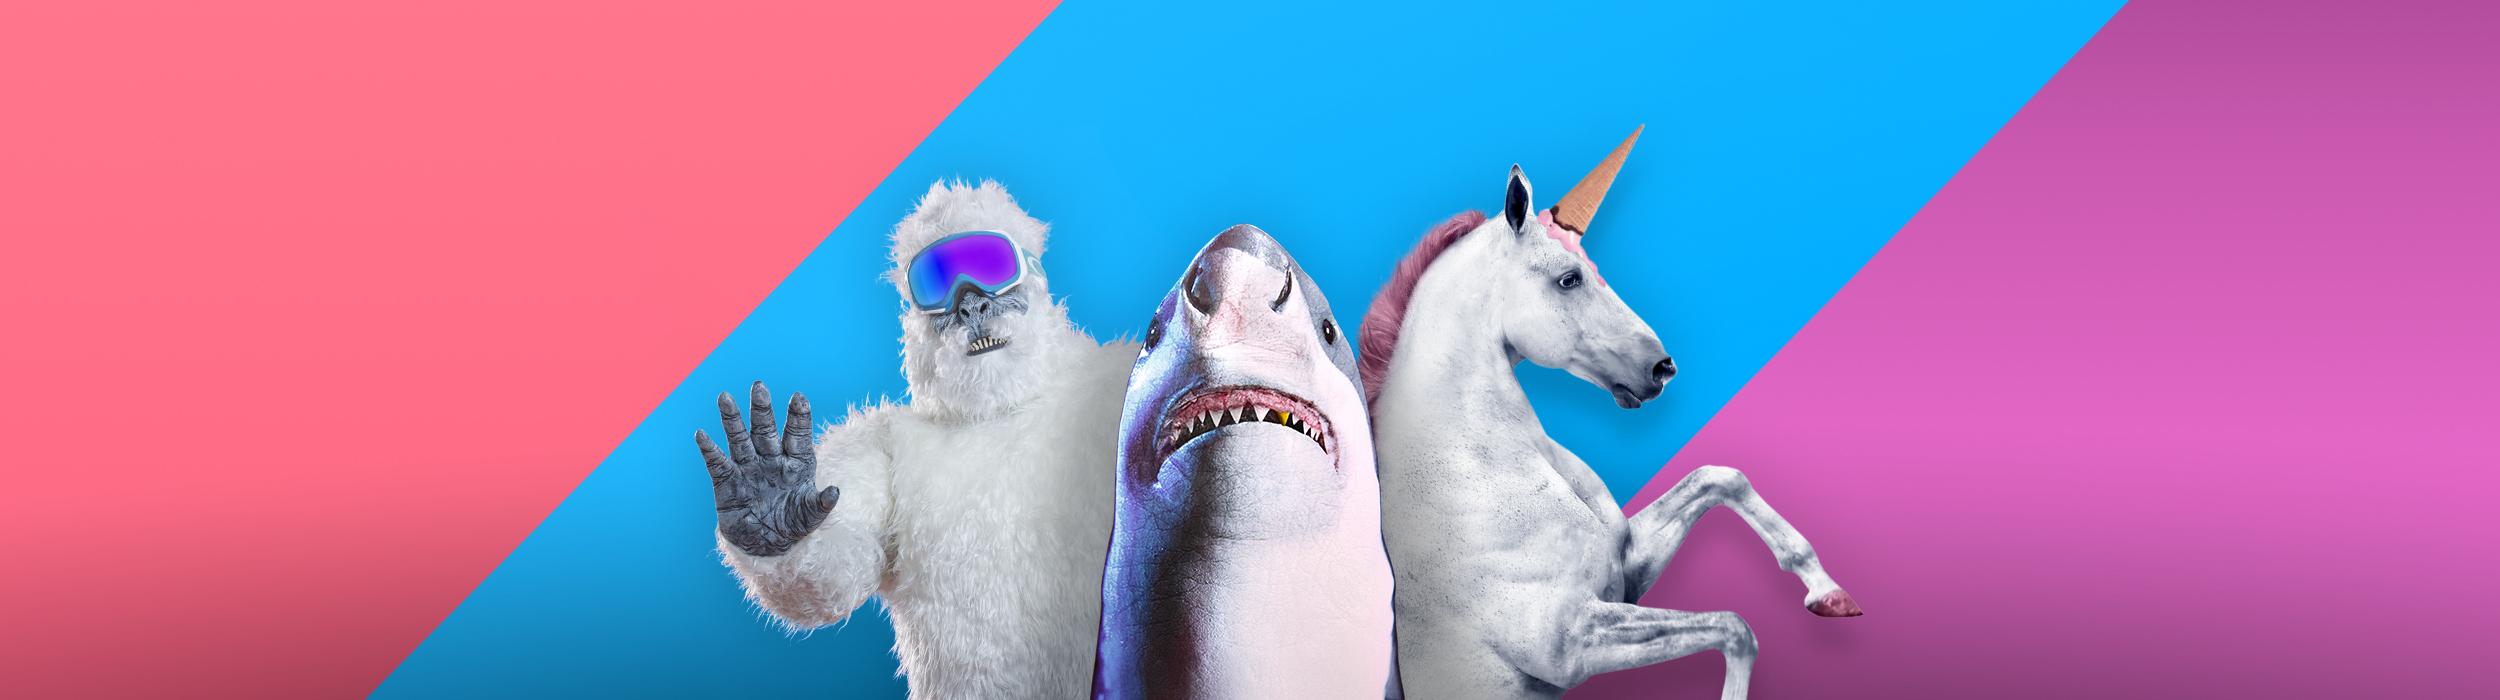 Gutes Ende - Yeti, Weißer Hai und Einhorn